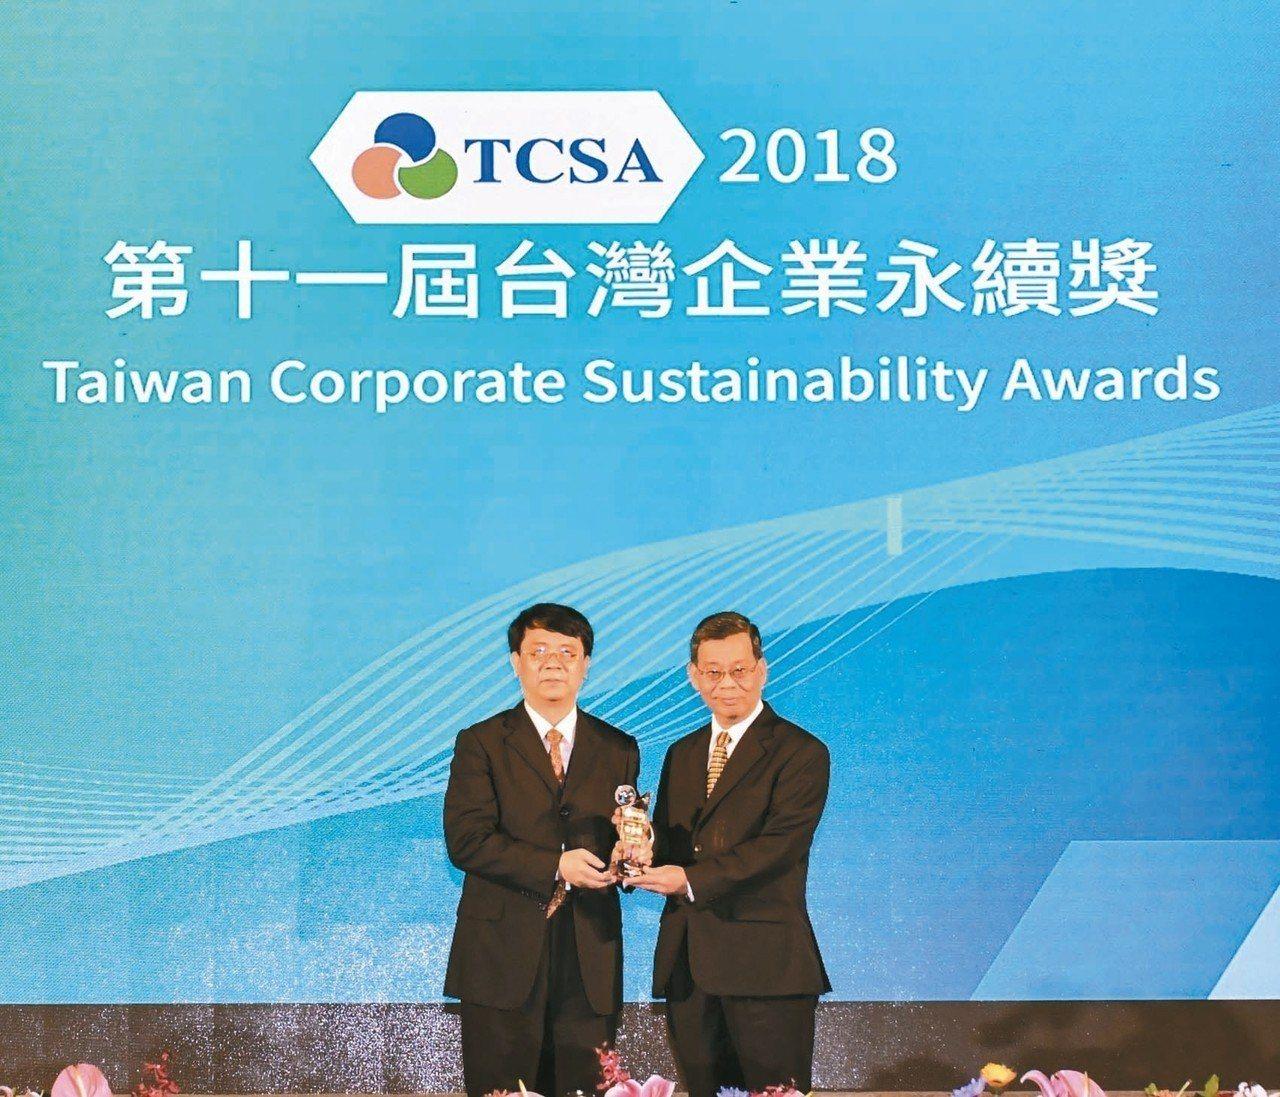 第一金控勇奪「2018 TCSA TOP50企業永續報告白金獎」及「BSI 永續...